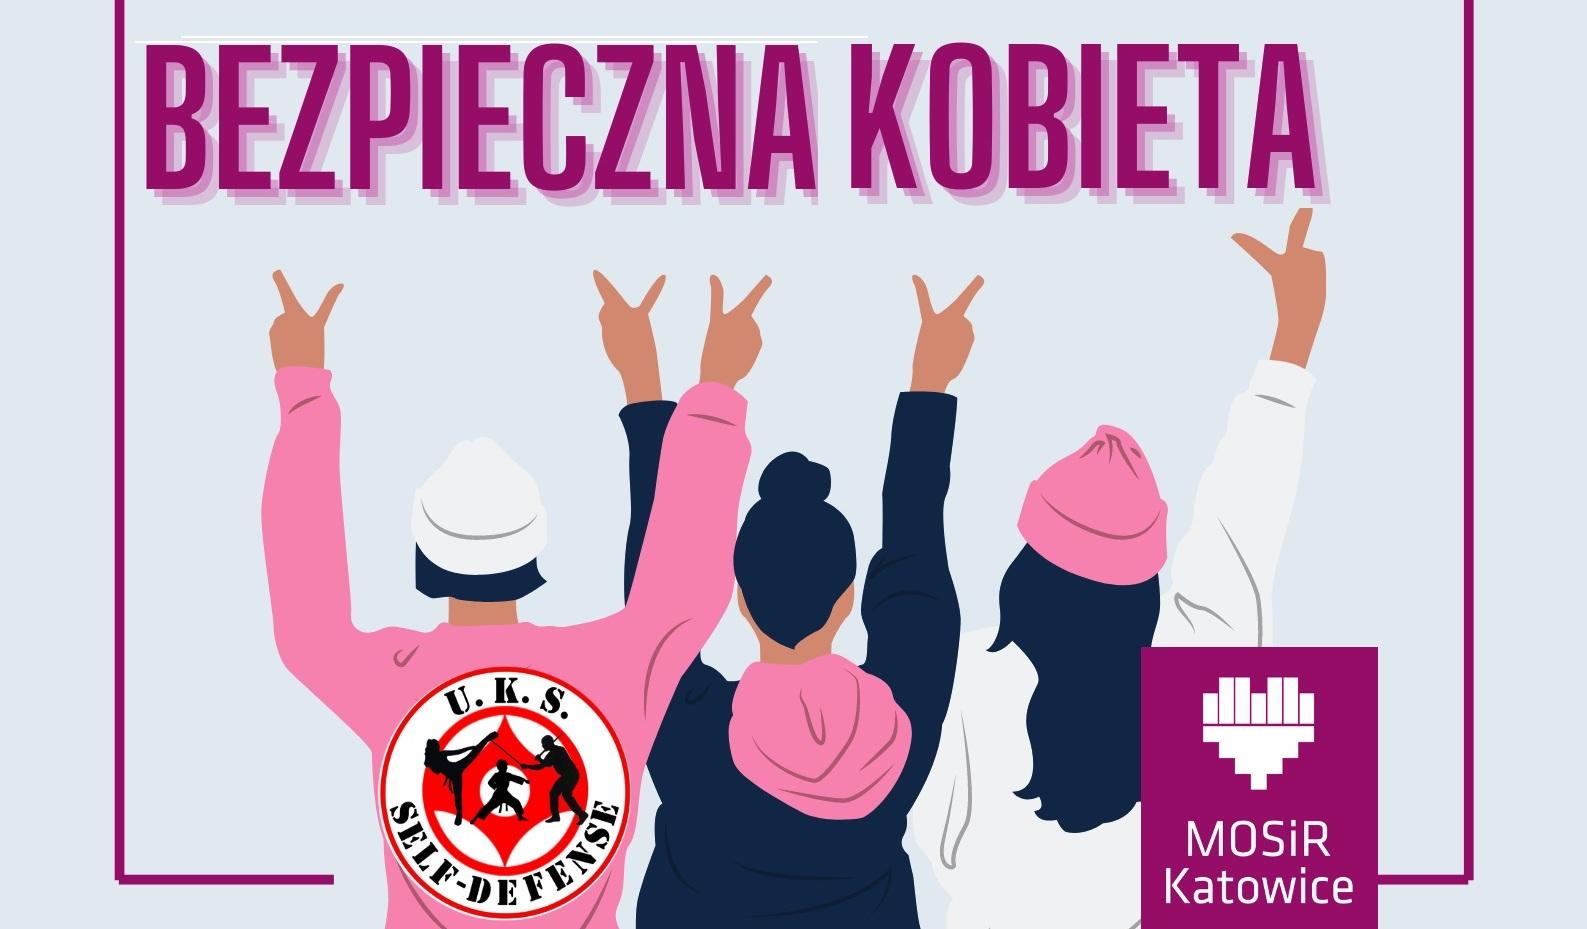 Program Bezpieczna Kobieta